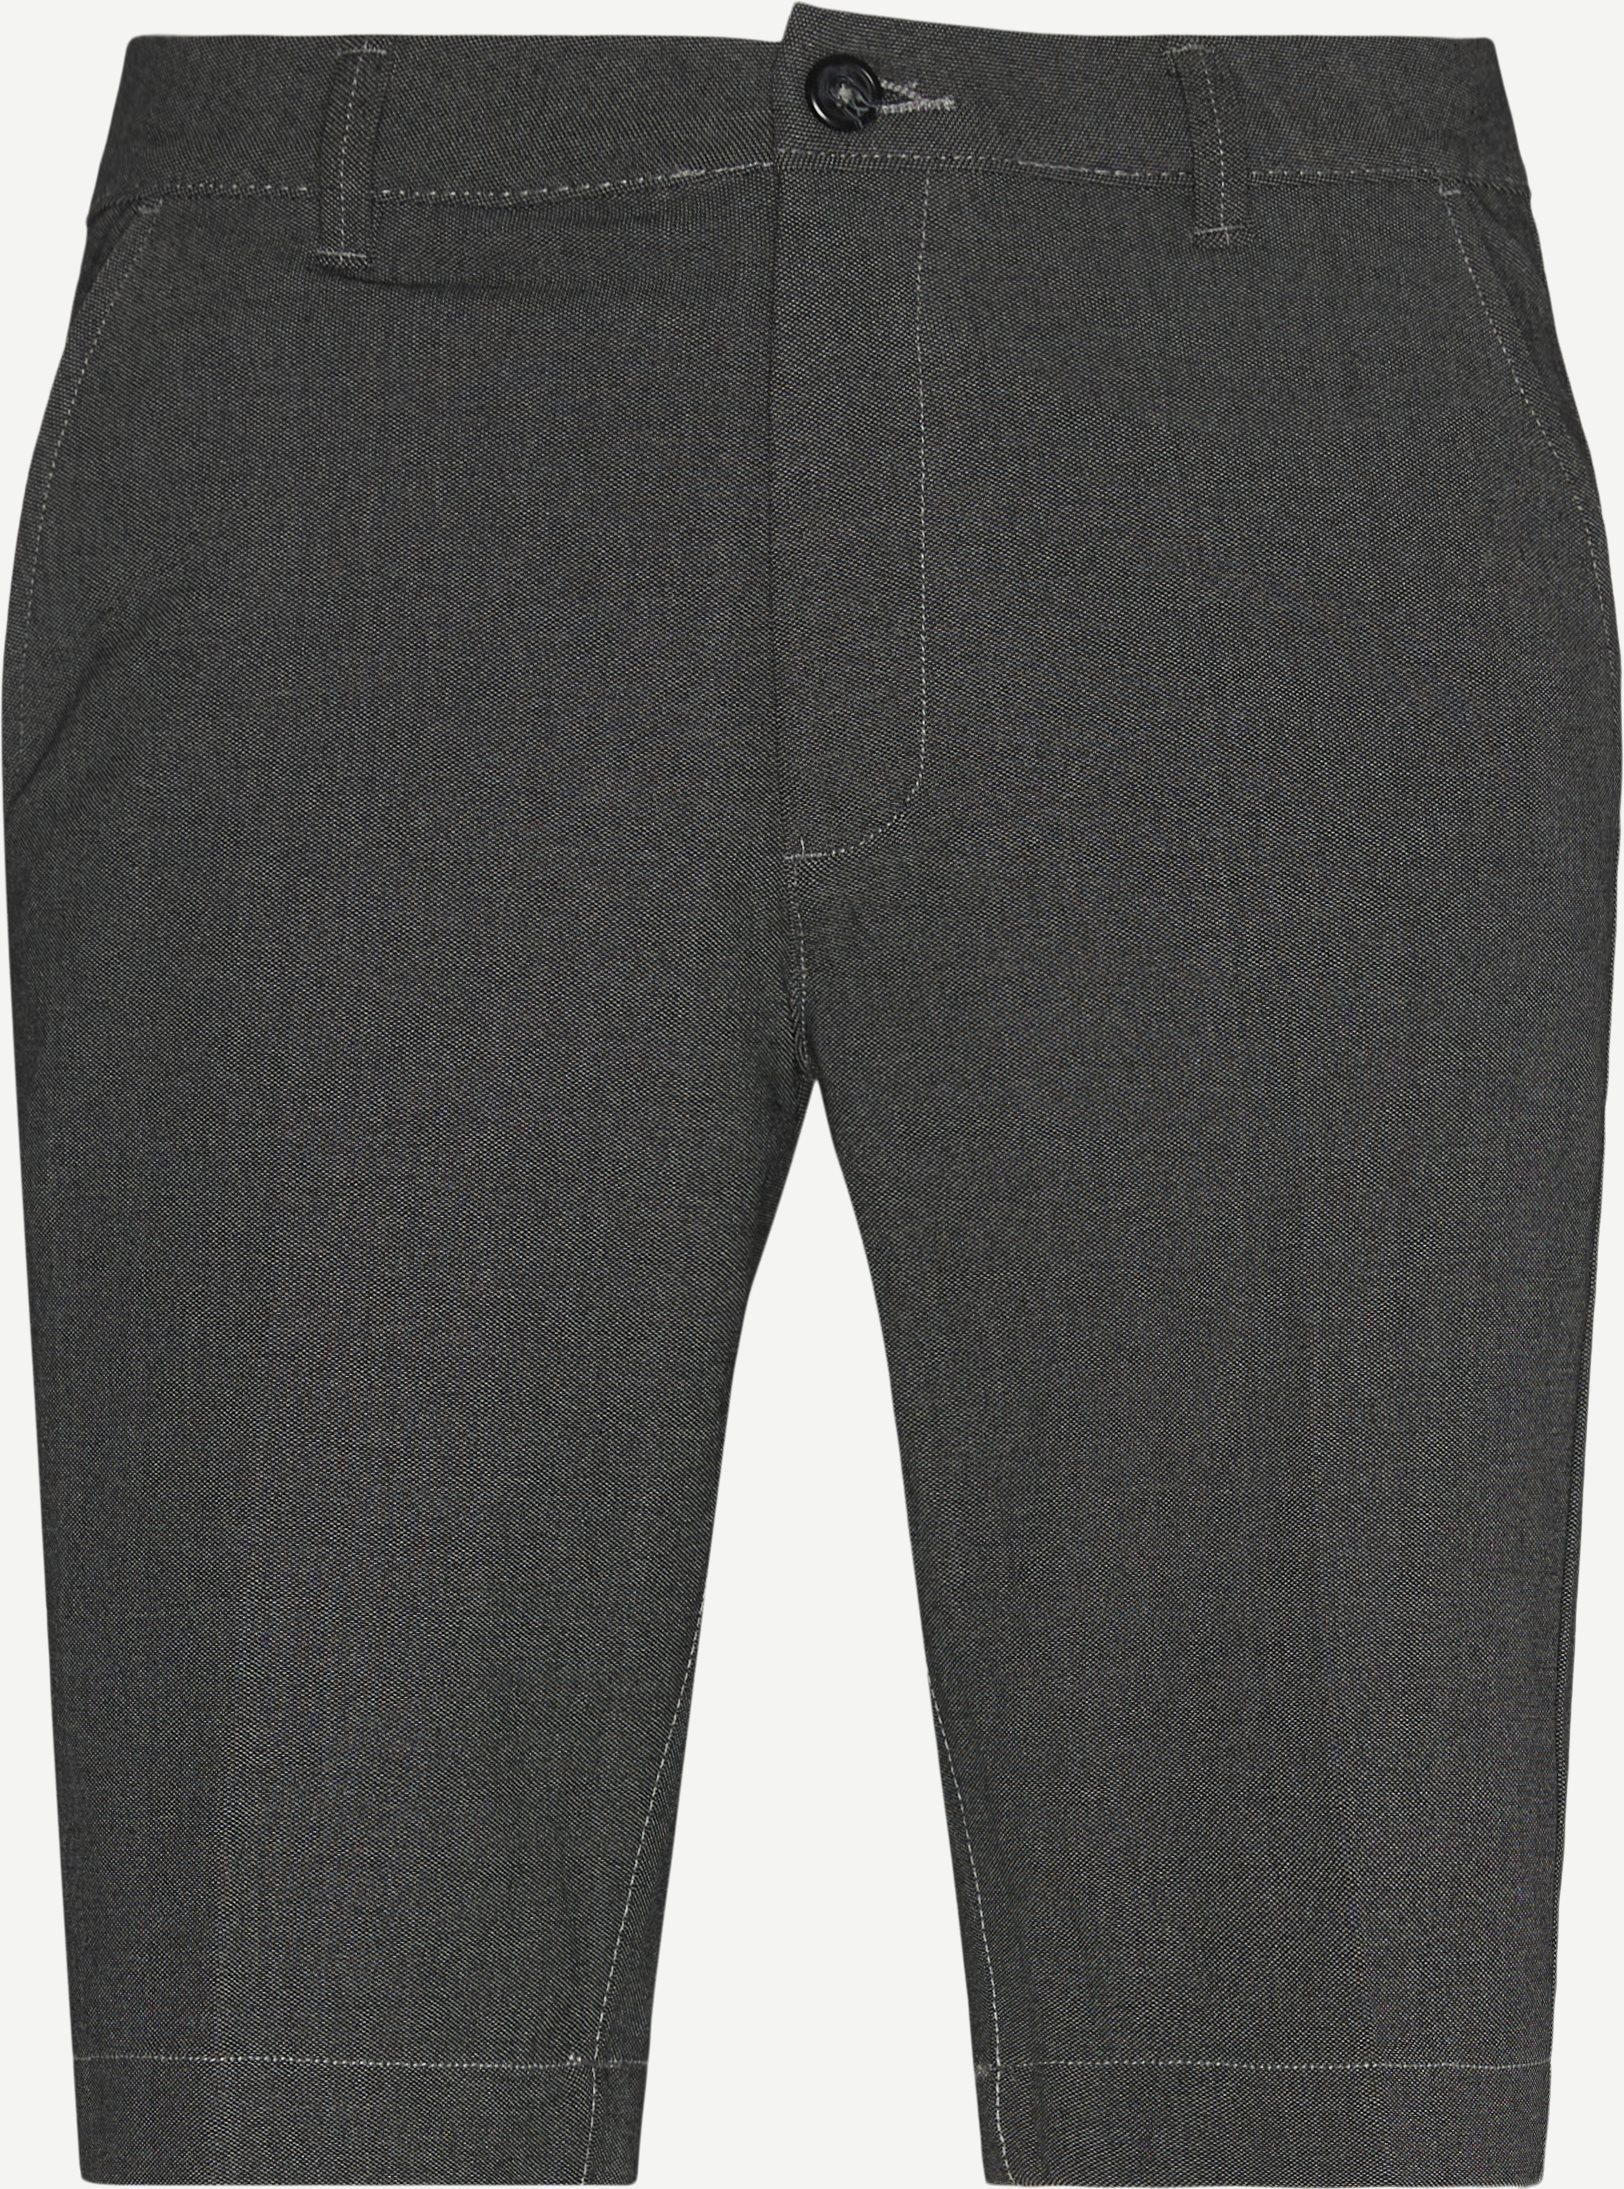 Shorts - Regular - Grey